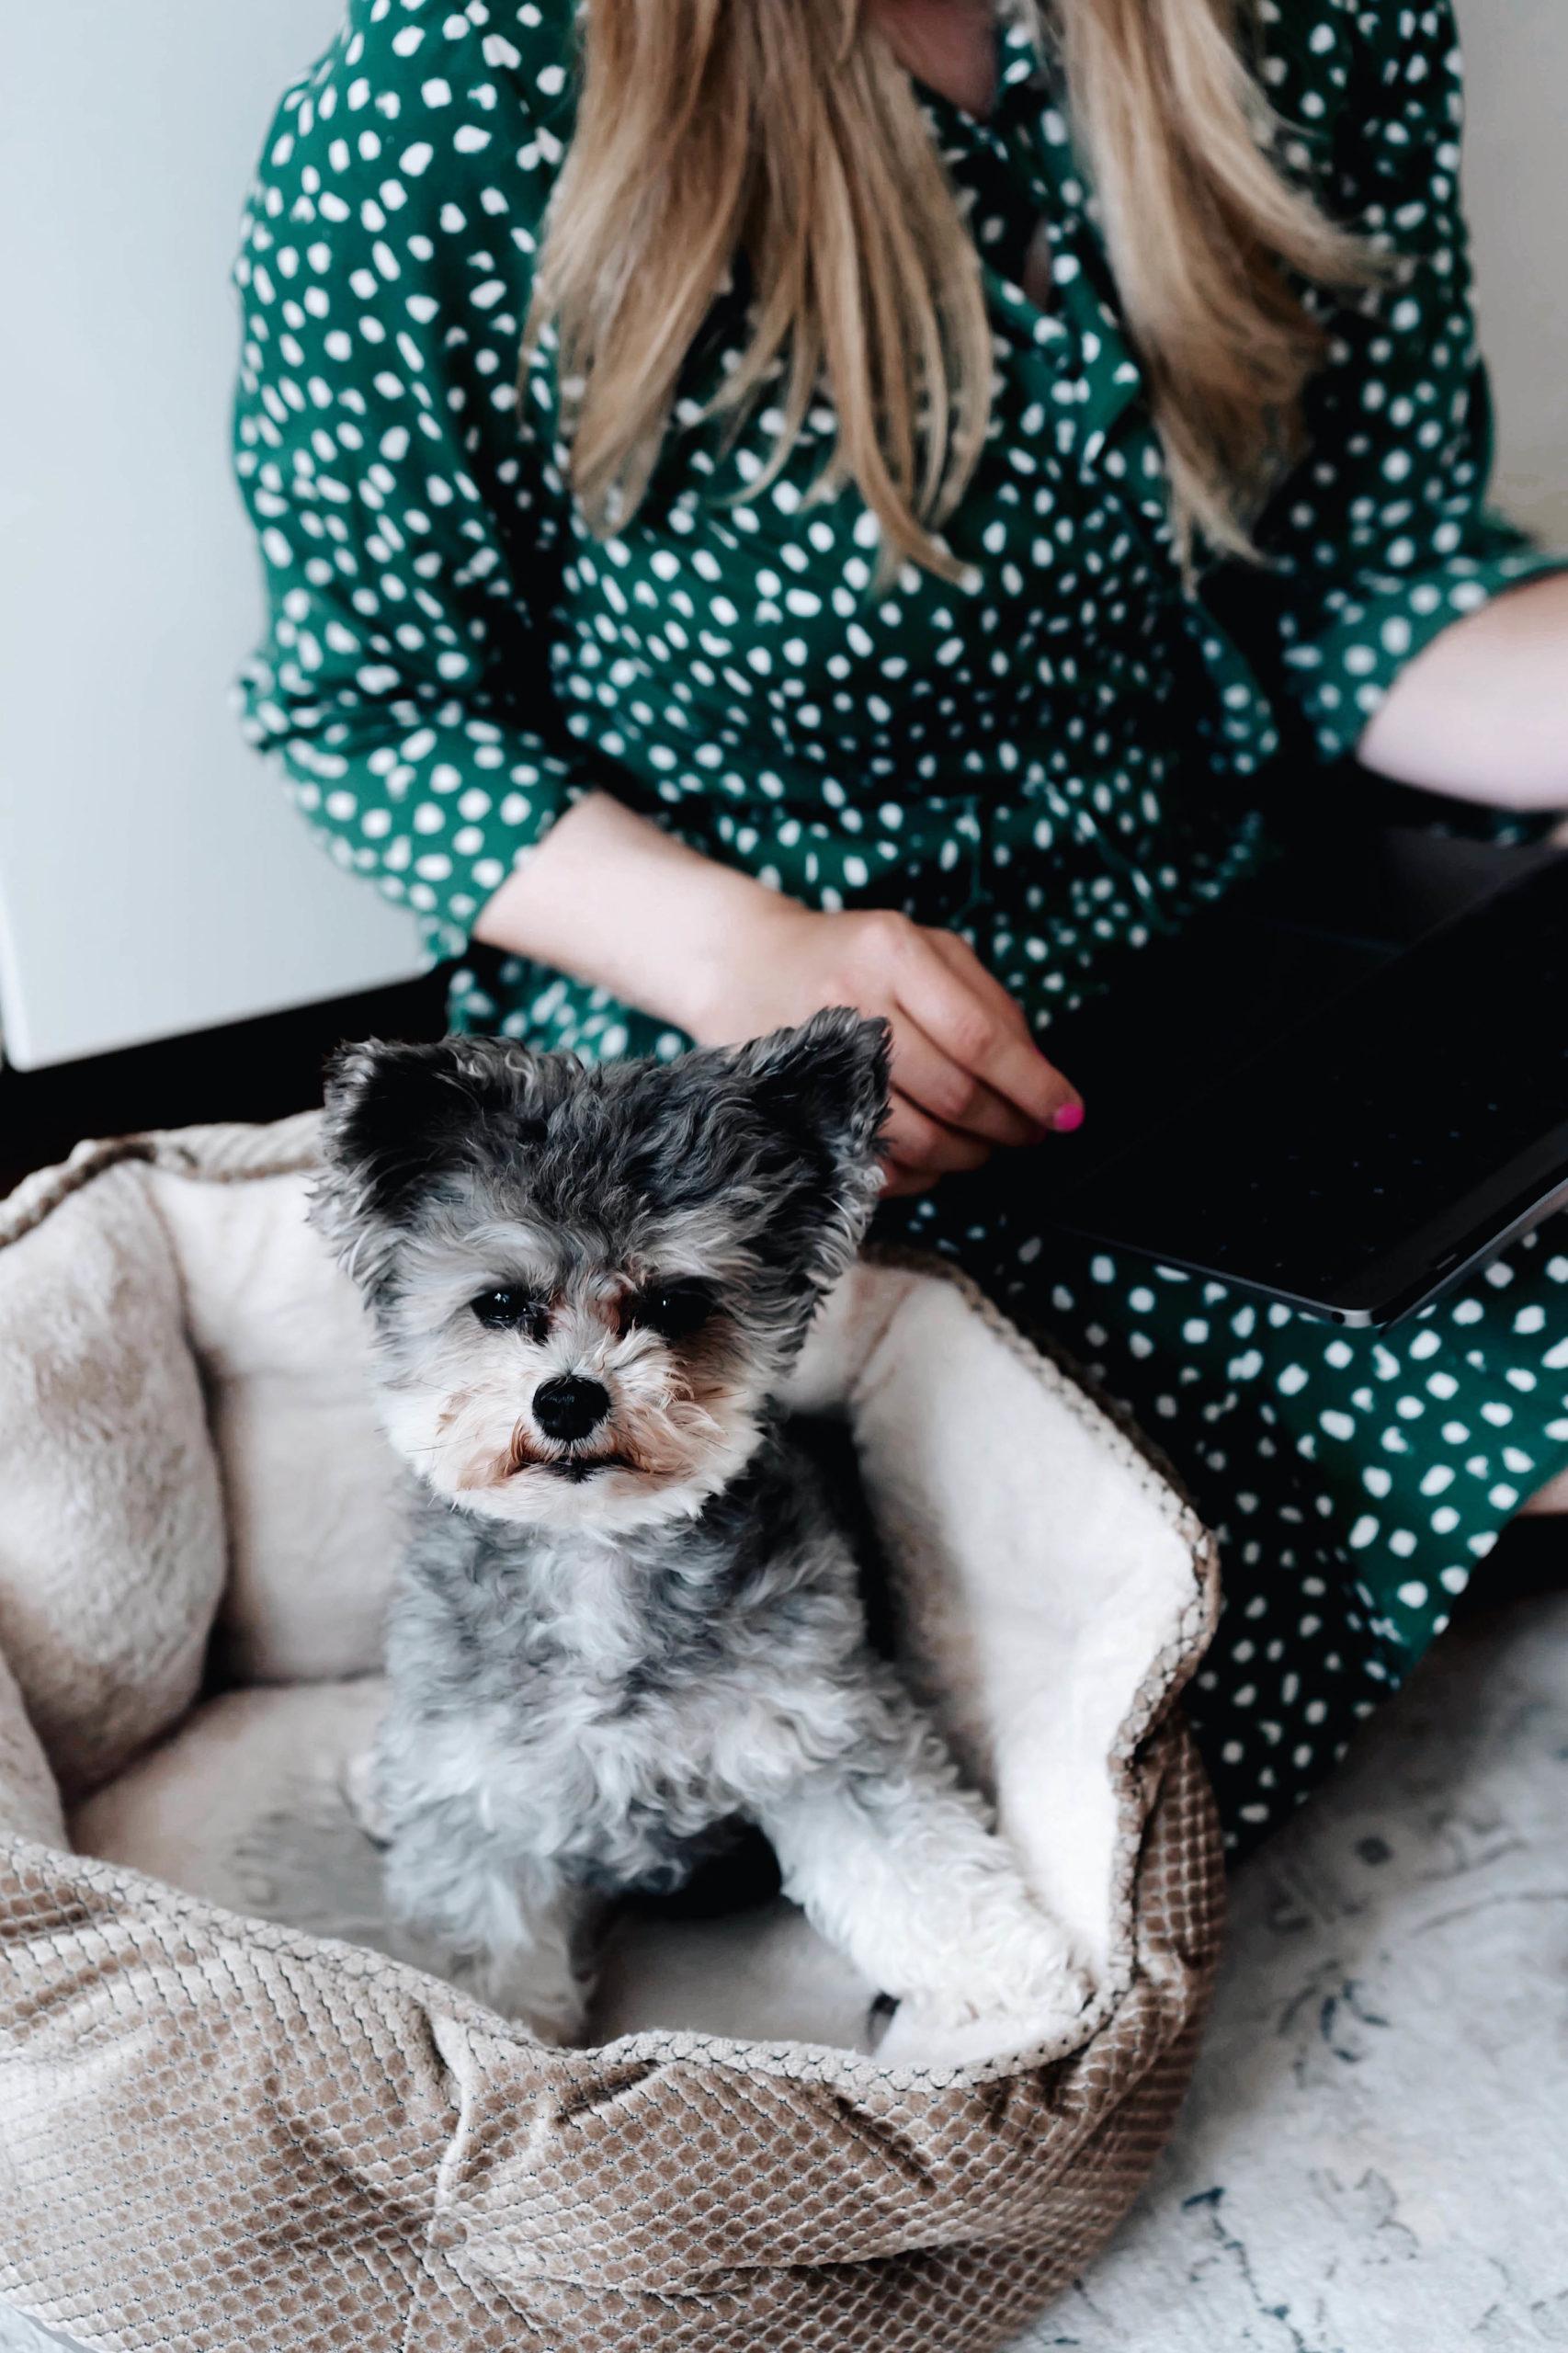 Pets at work: Es ist Nimm deinen Hund mit zur Arbeit Tag